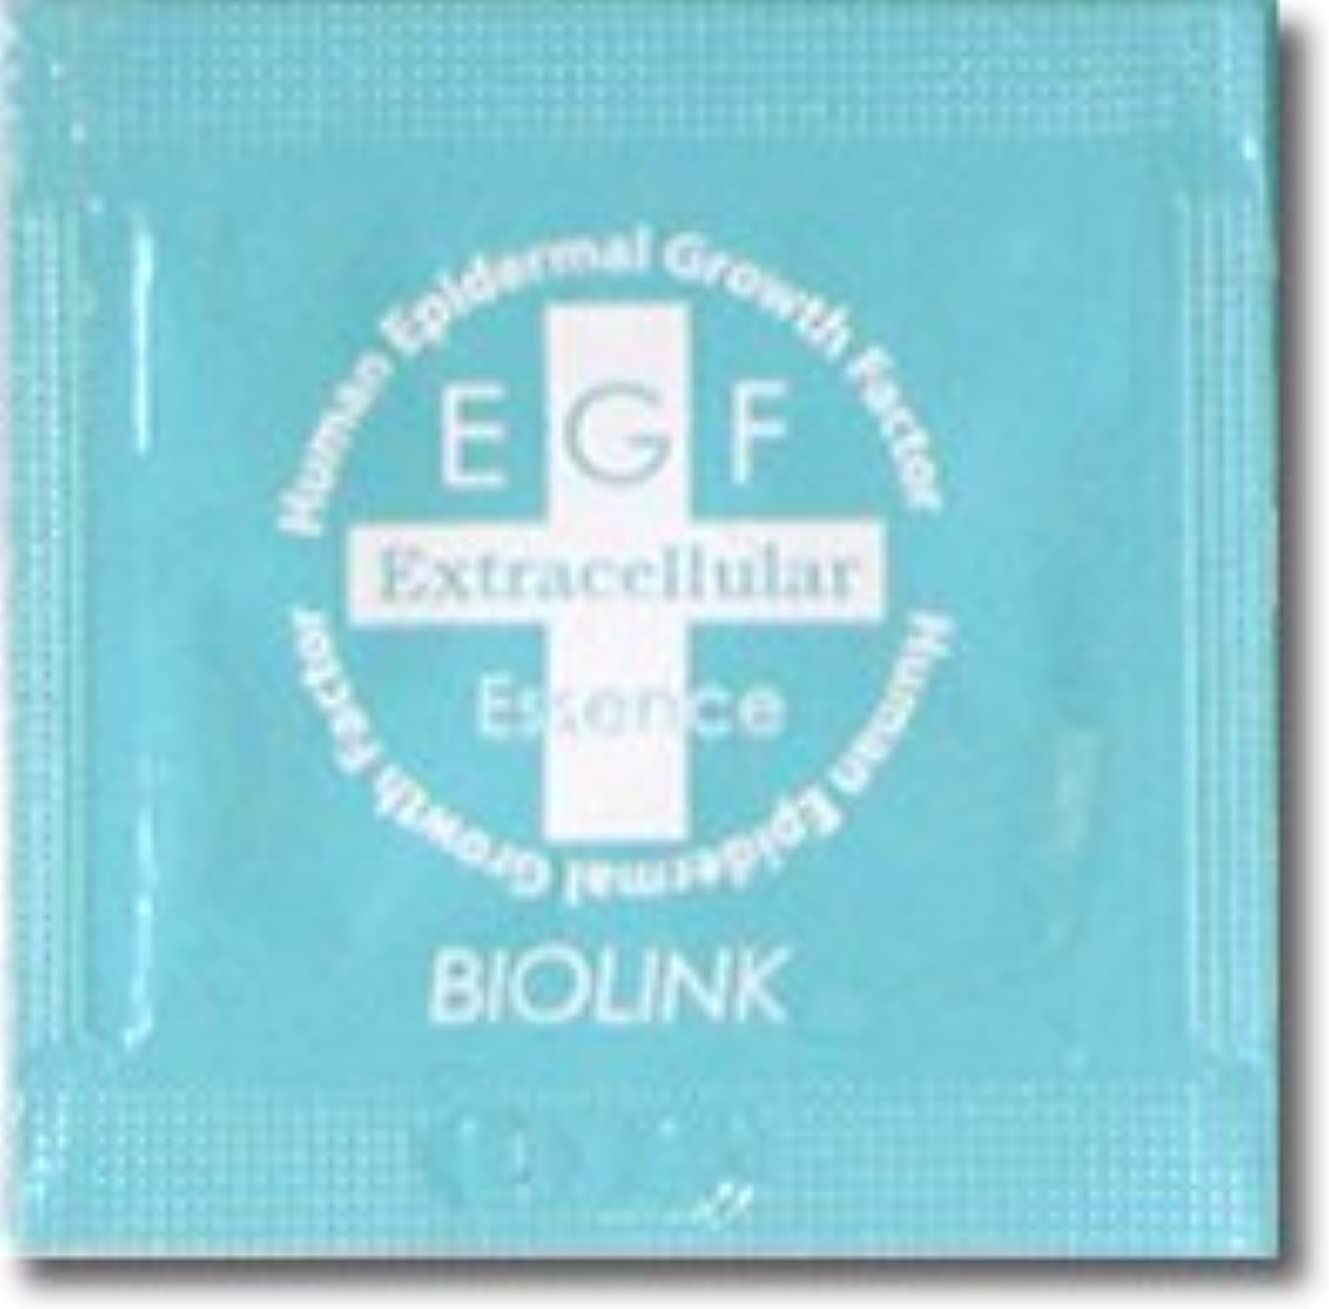 ヘルシーゼリーねばねばバイオリンク EGF エクストラエッセンス 分包 100個+10個おまけ付きセット